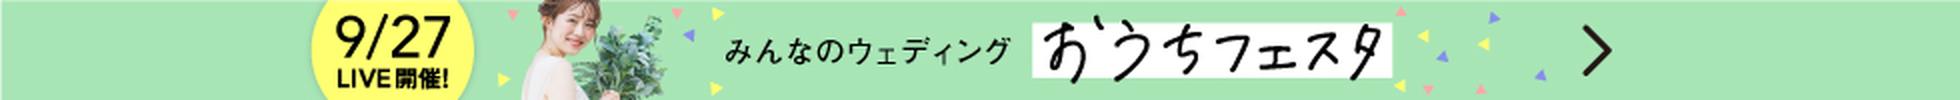 みんなのウェディングおうちフェスタは8/15(土)LIVE開催!